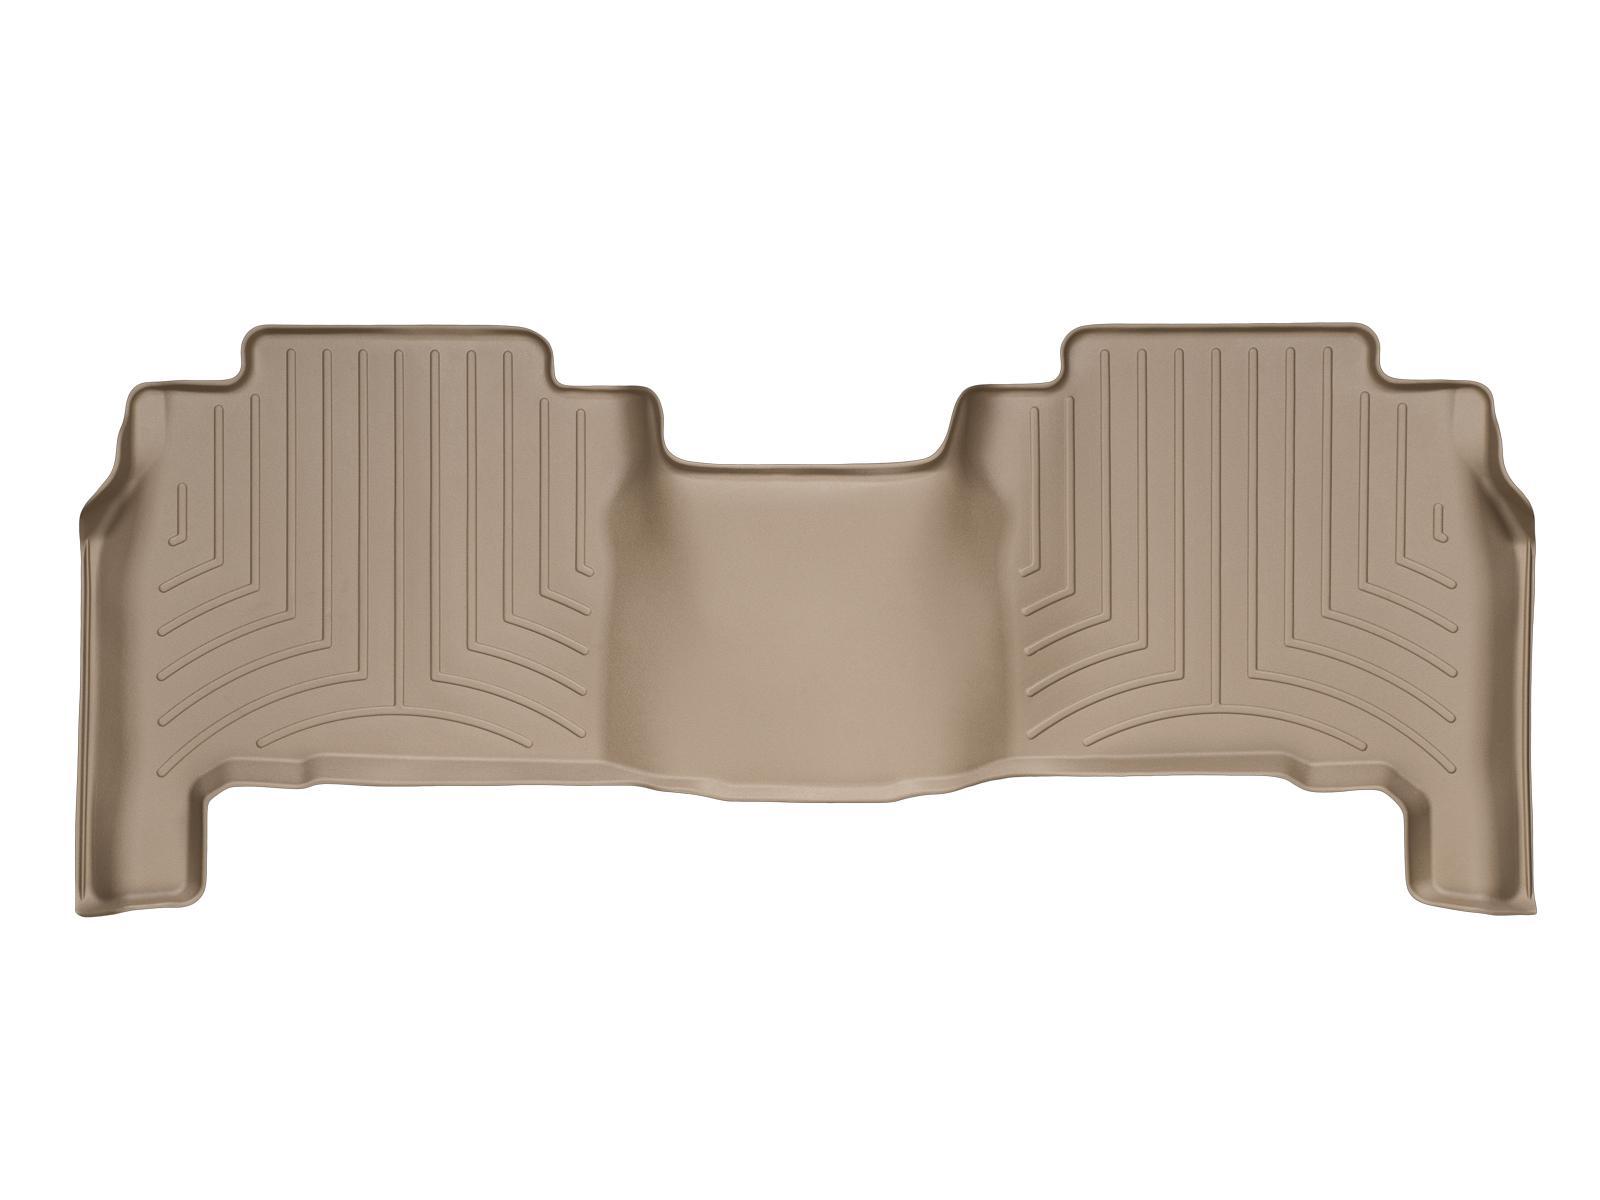 Tappeti gomma su misura bordo alto Toyota Land Cruiser V8 08>17 Marrone A3703*